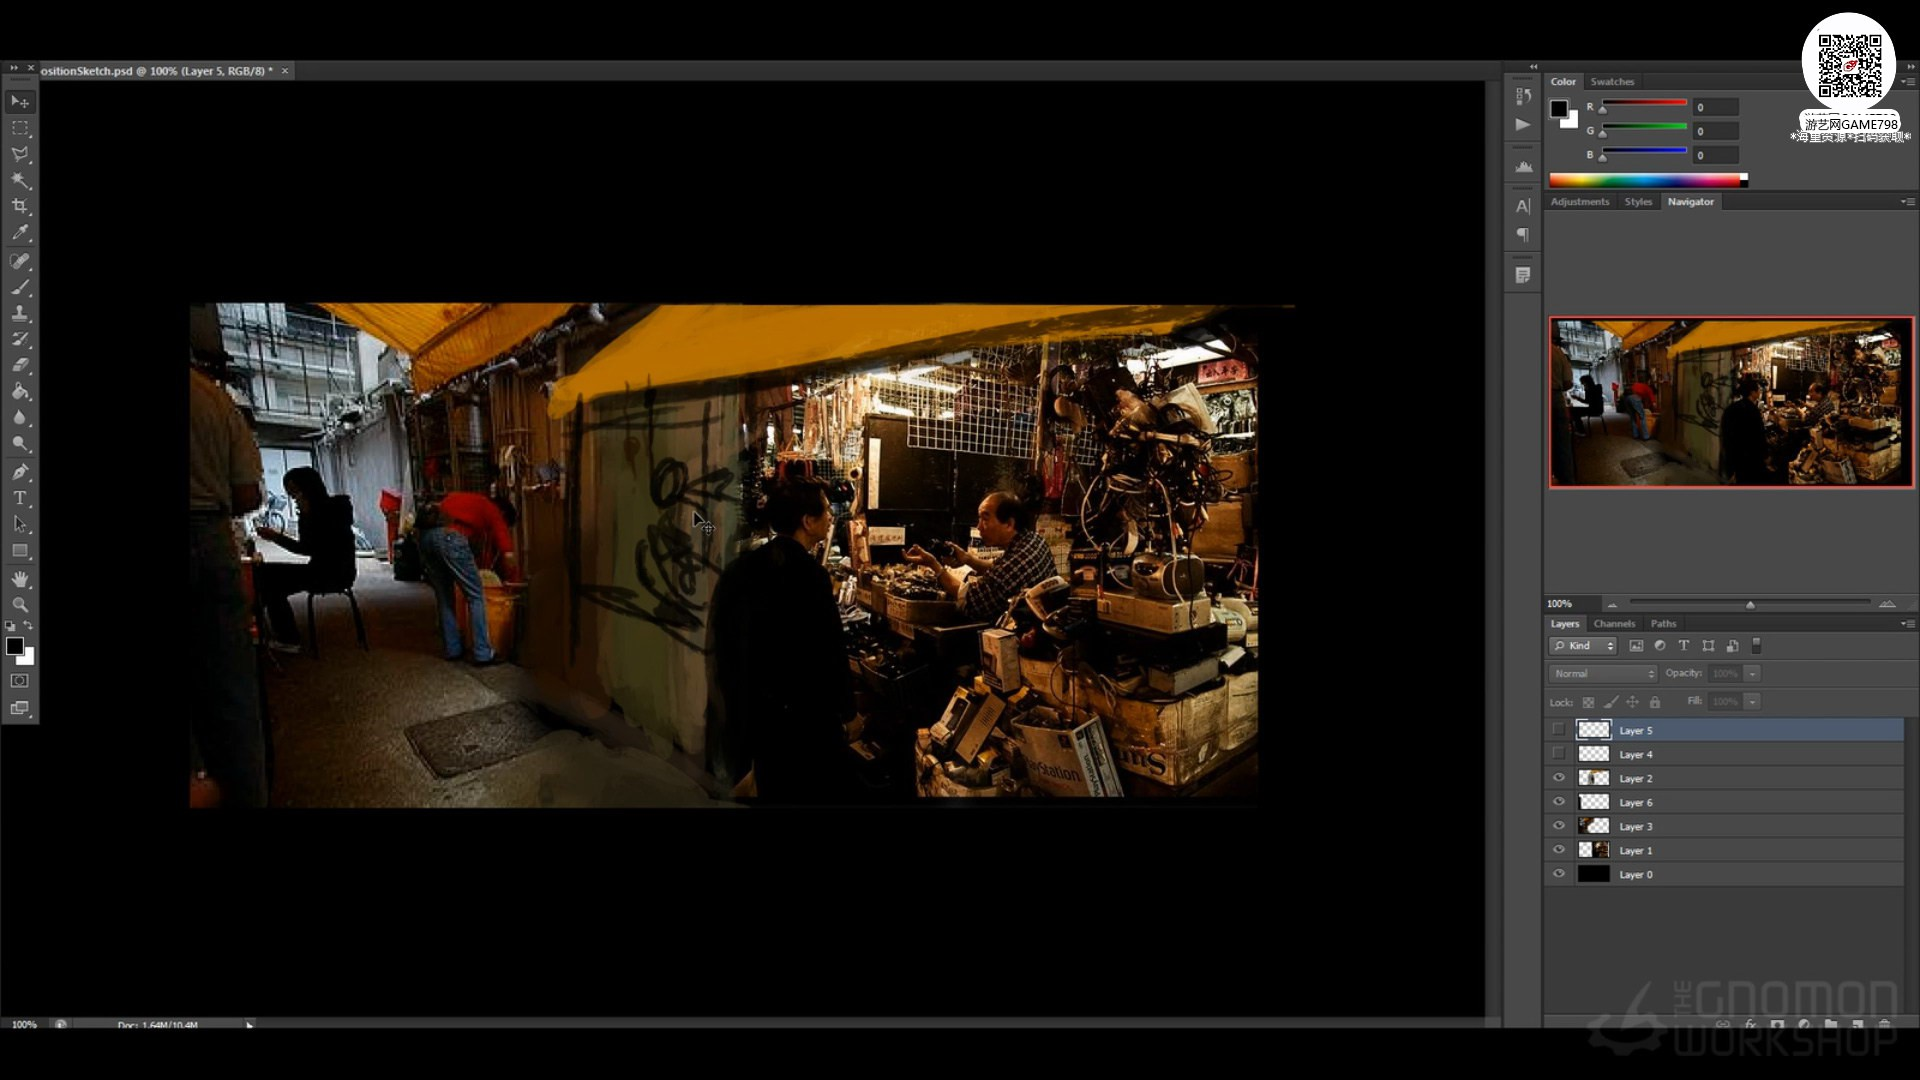 002_关注-游艺网GAME798海量资源下载【视频教程】MAYA制作科幻场景.jpg